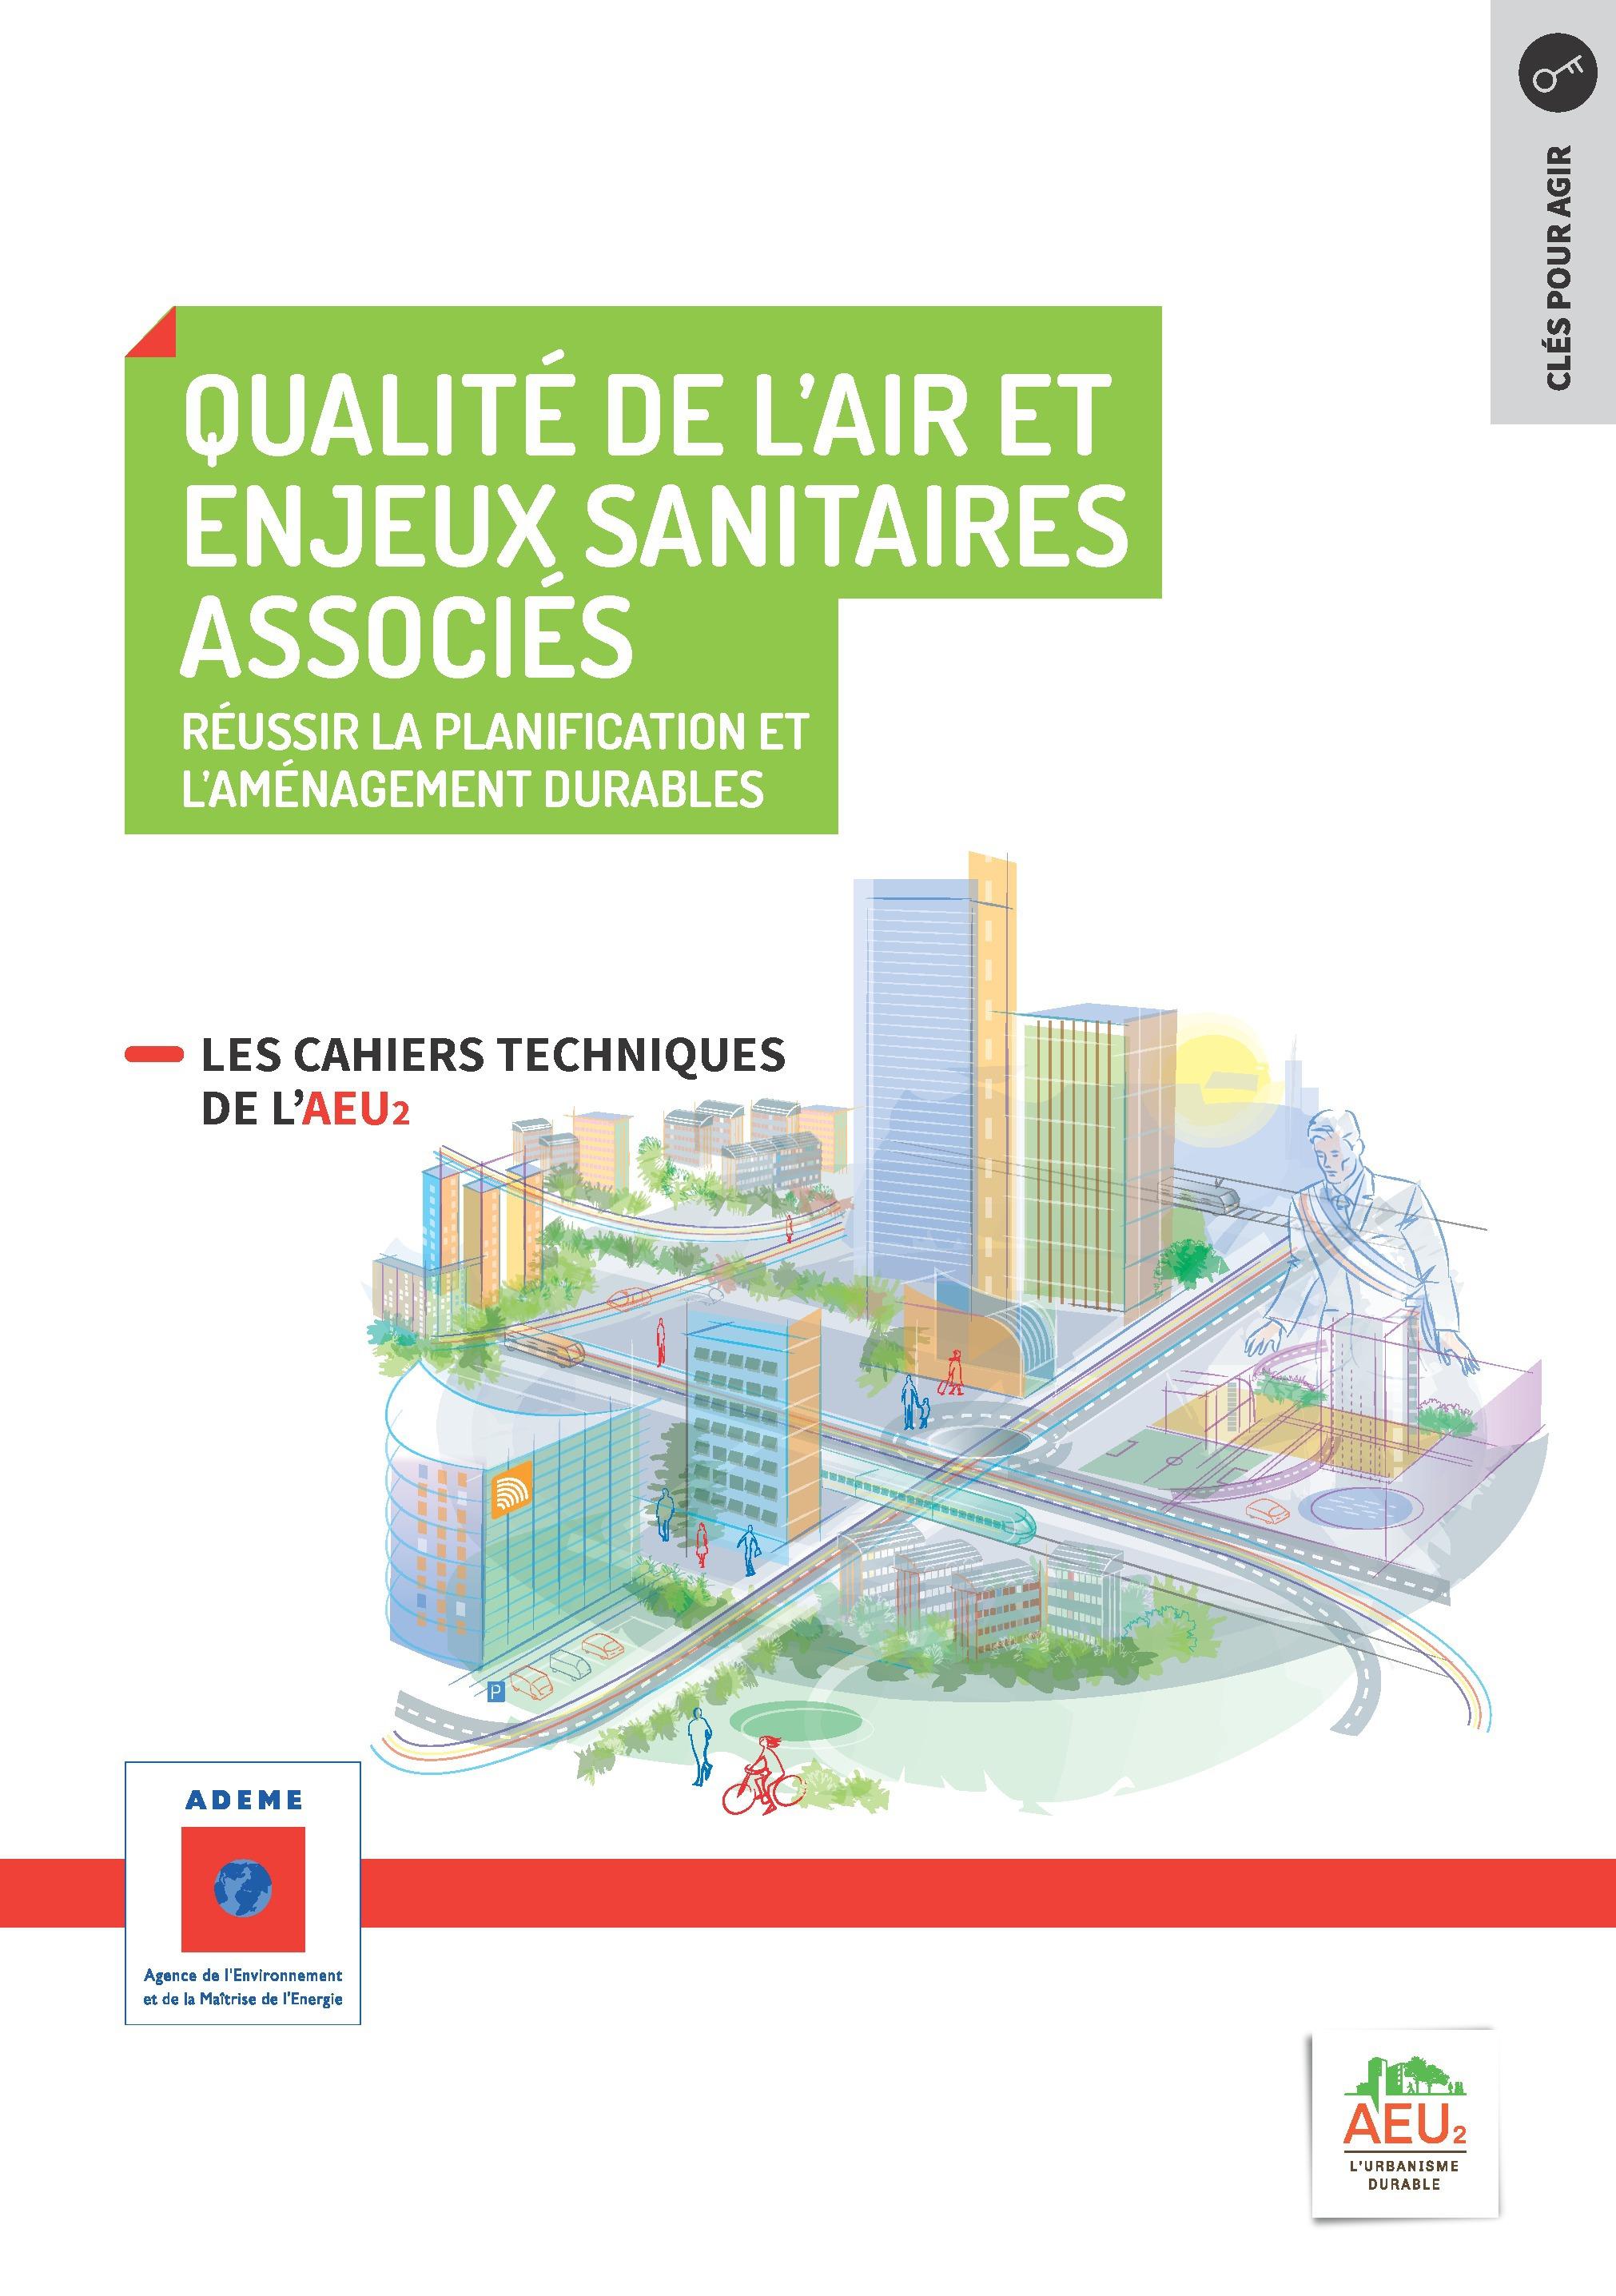 Réussir la planification et l'aménagement durables - 9 Qualité de l'air et enjeux sanitaires associés